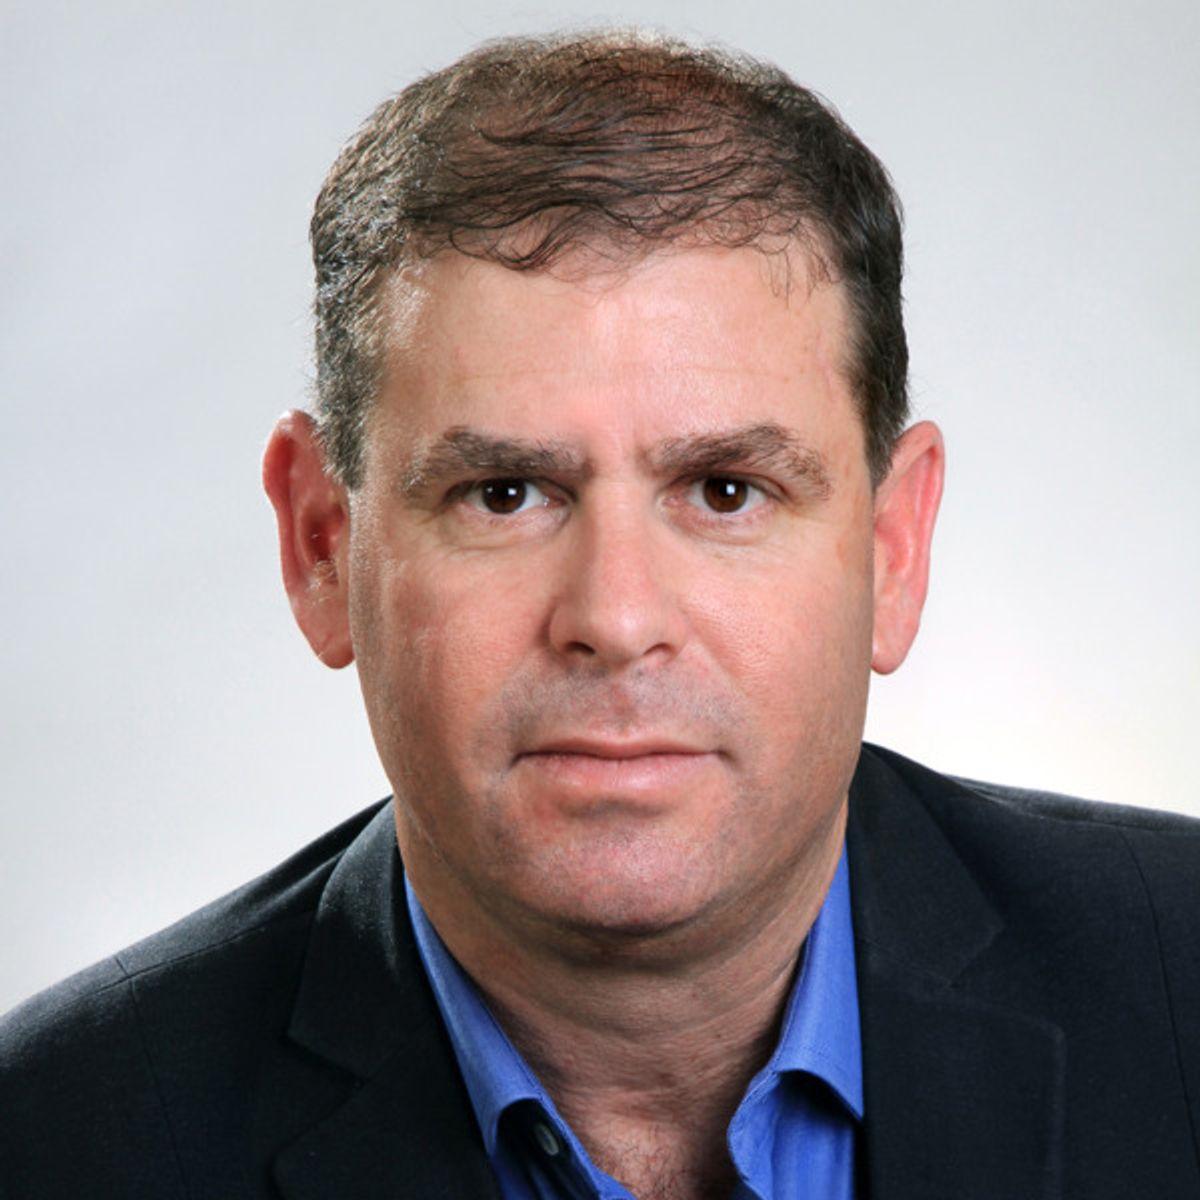 Photo of Oren Gershtein, President at IdealityRoads